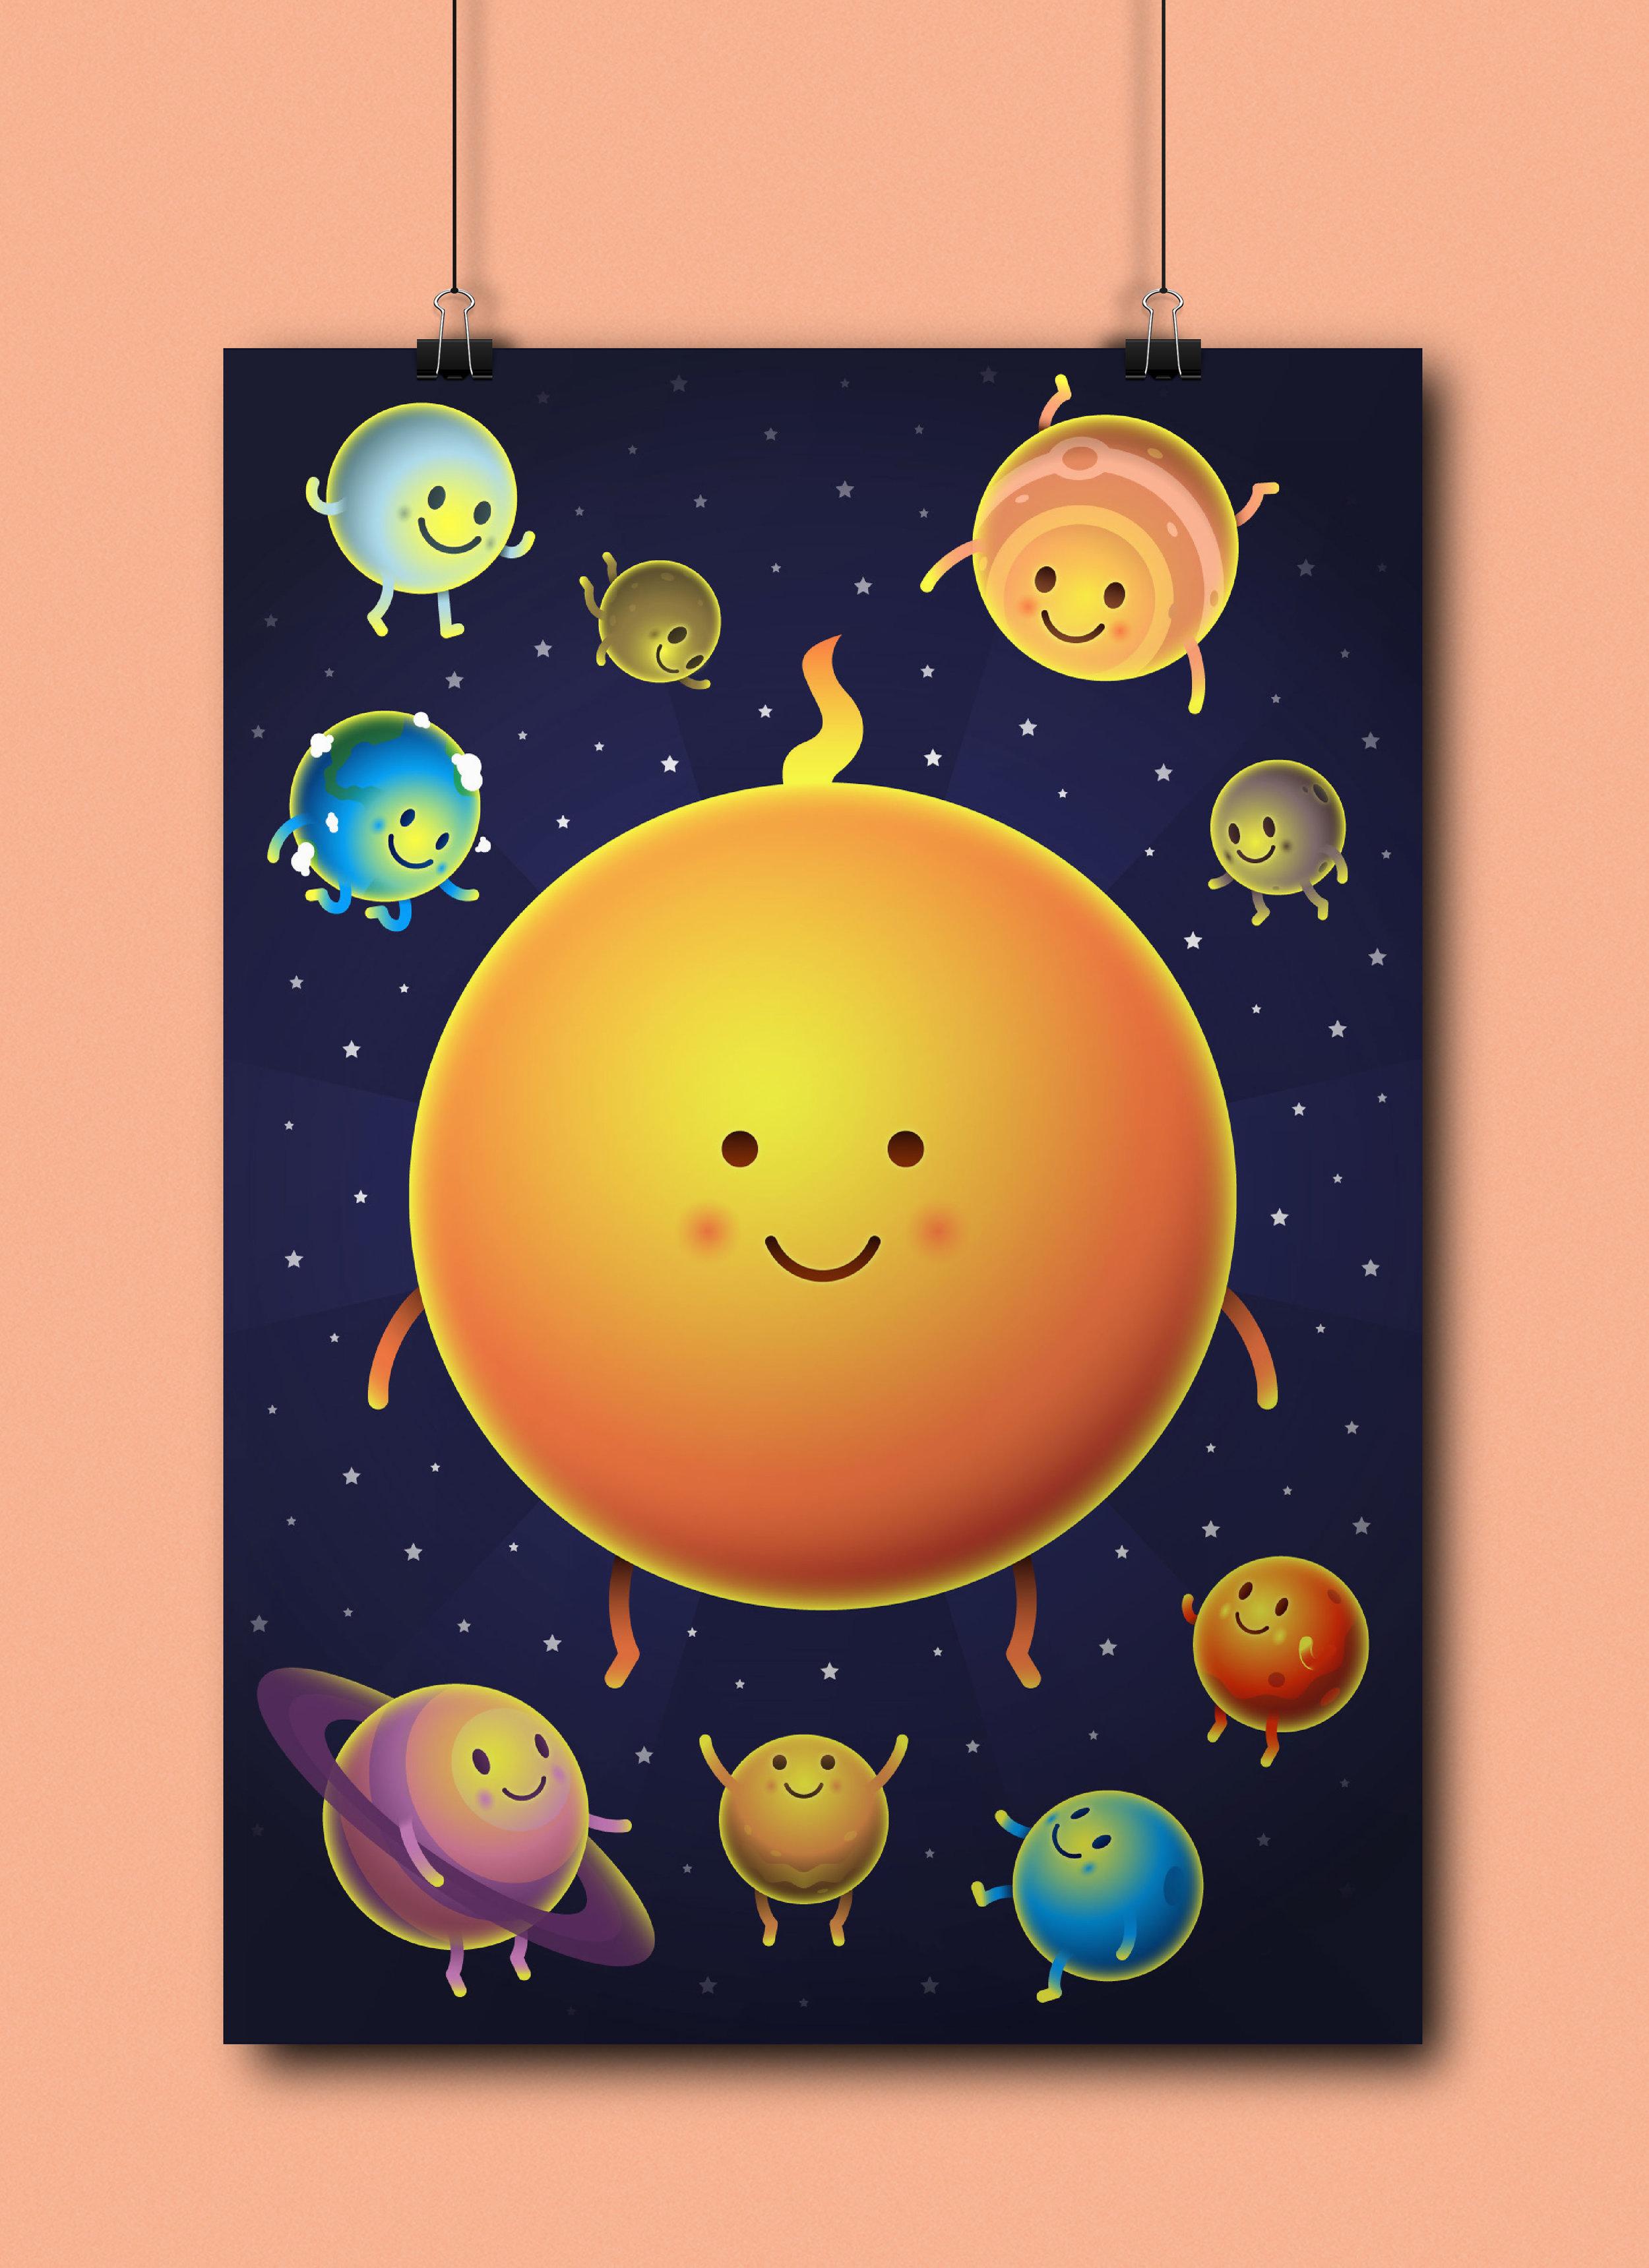 spacefriends2.jpg